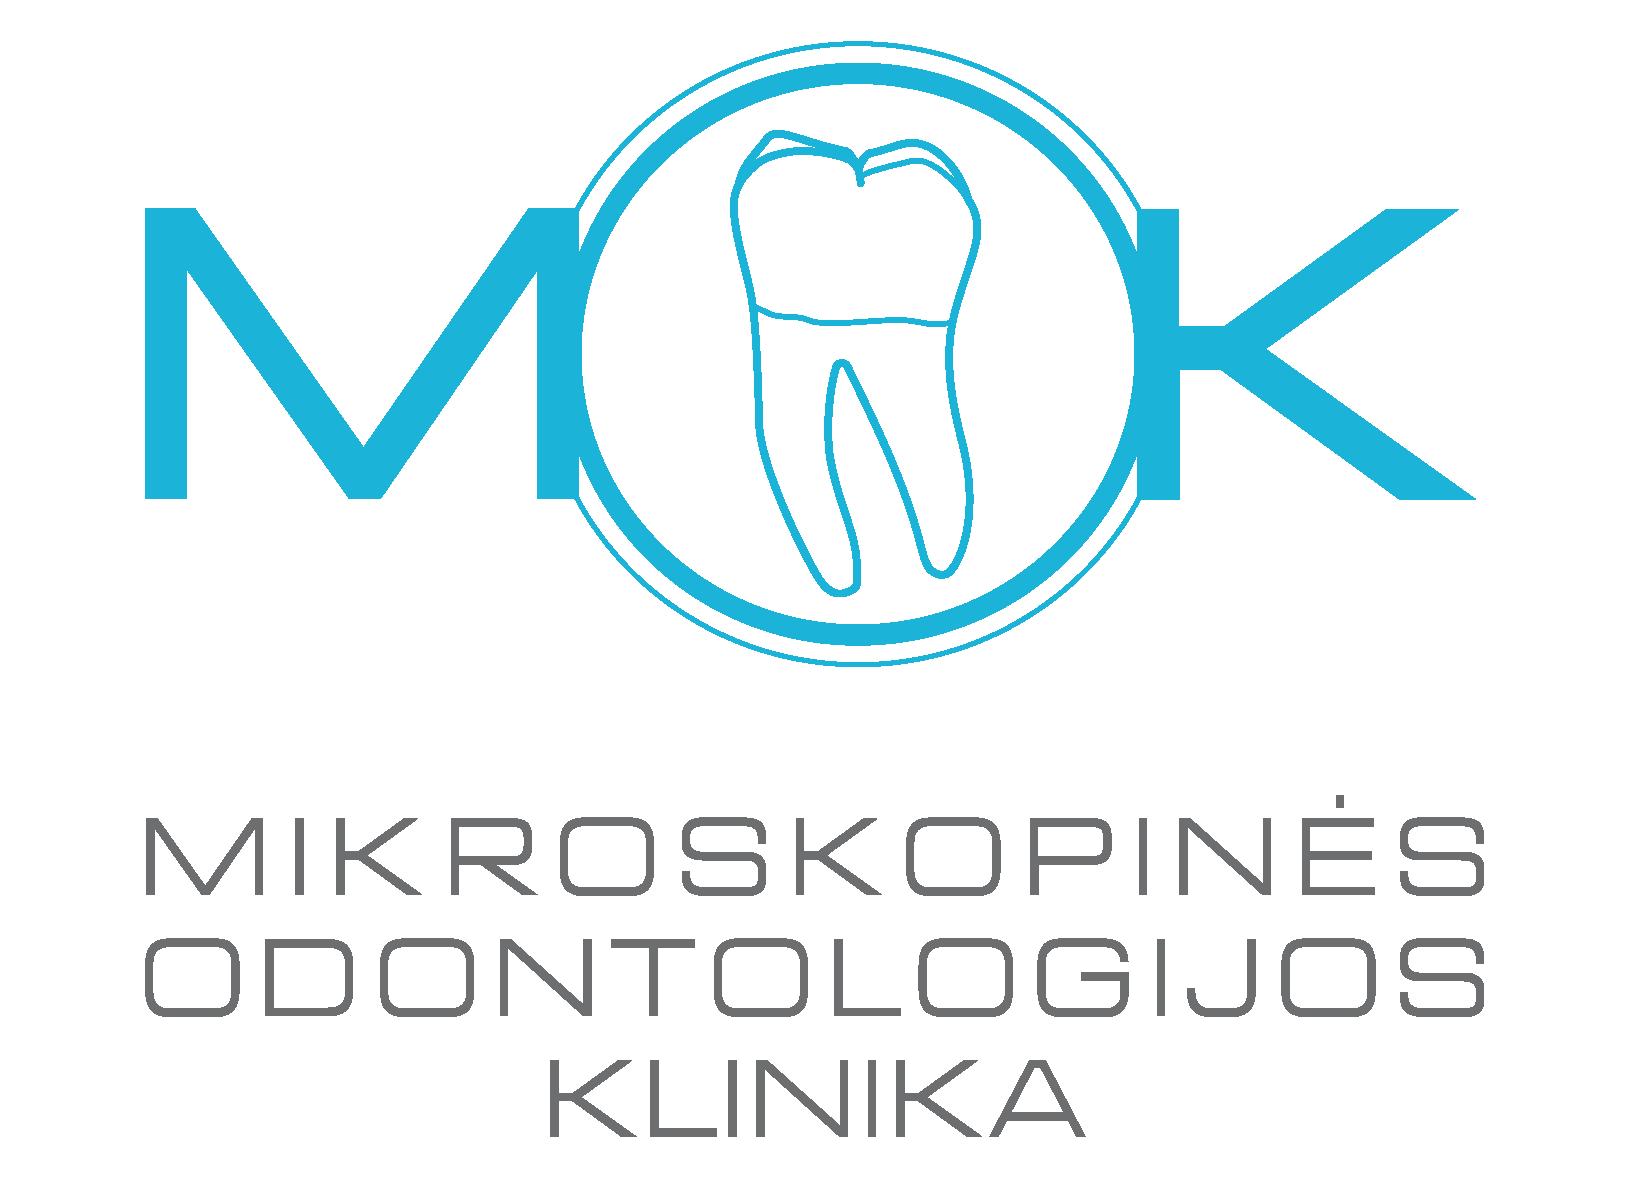 Moklinika - Mikroskopinės odontologijos klinika